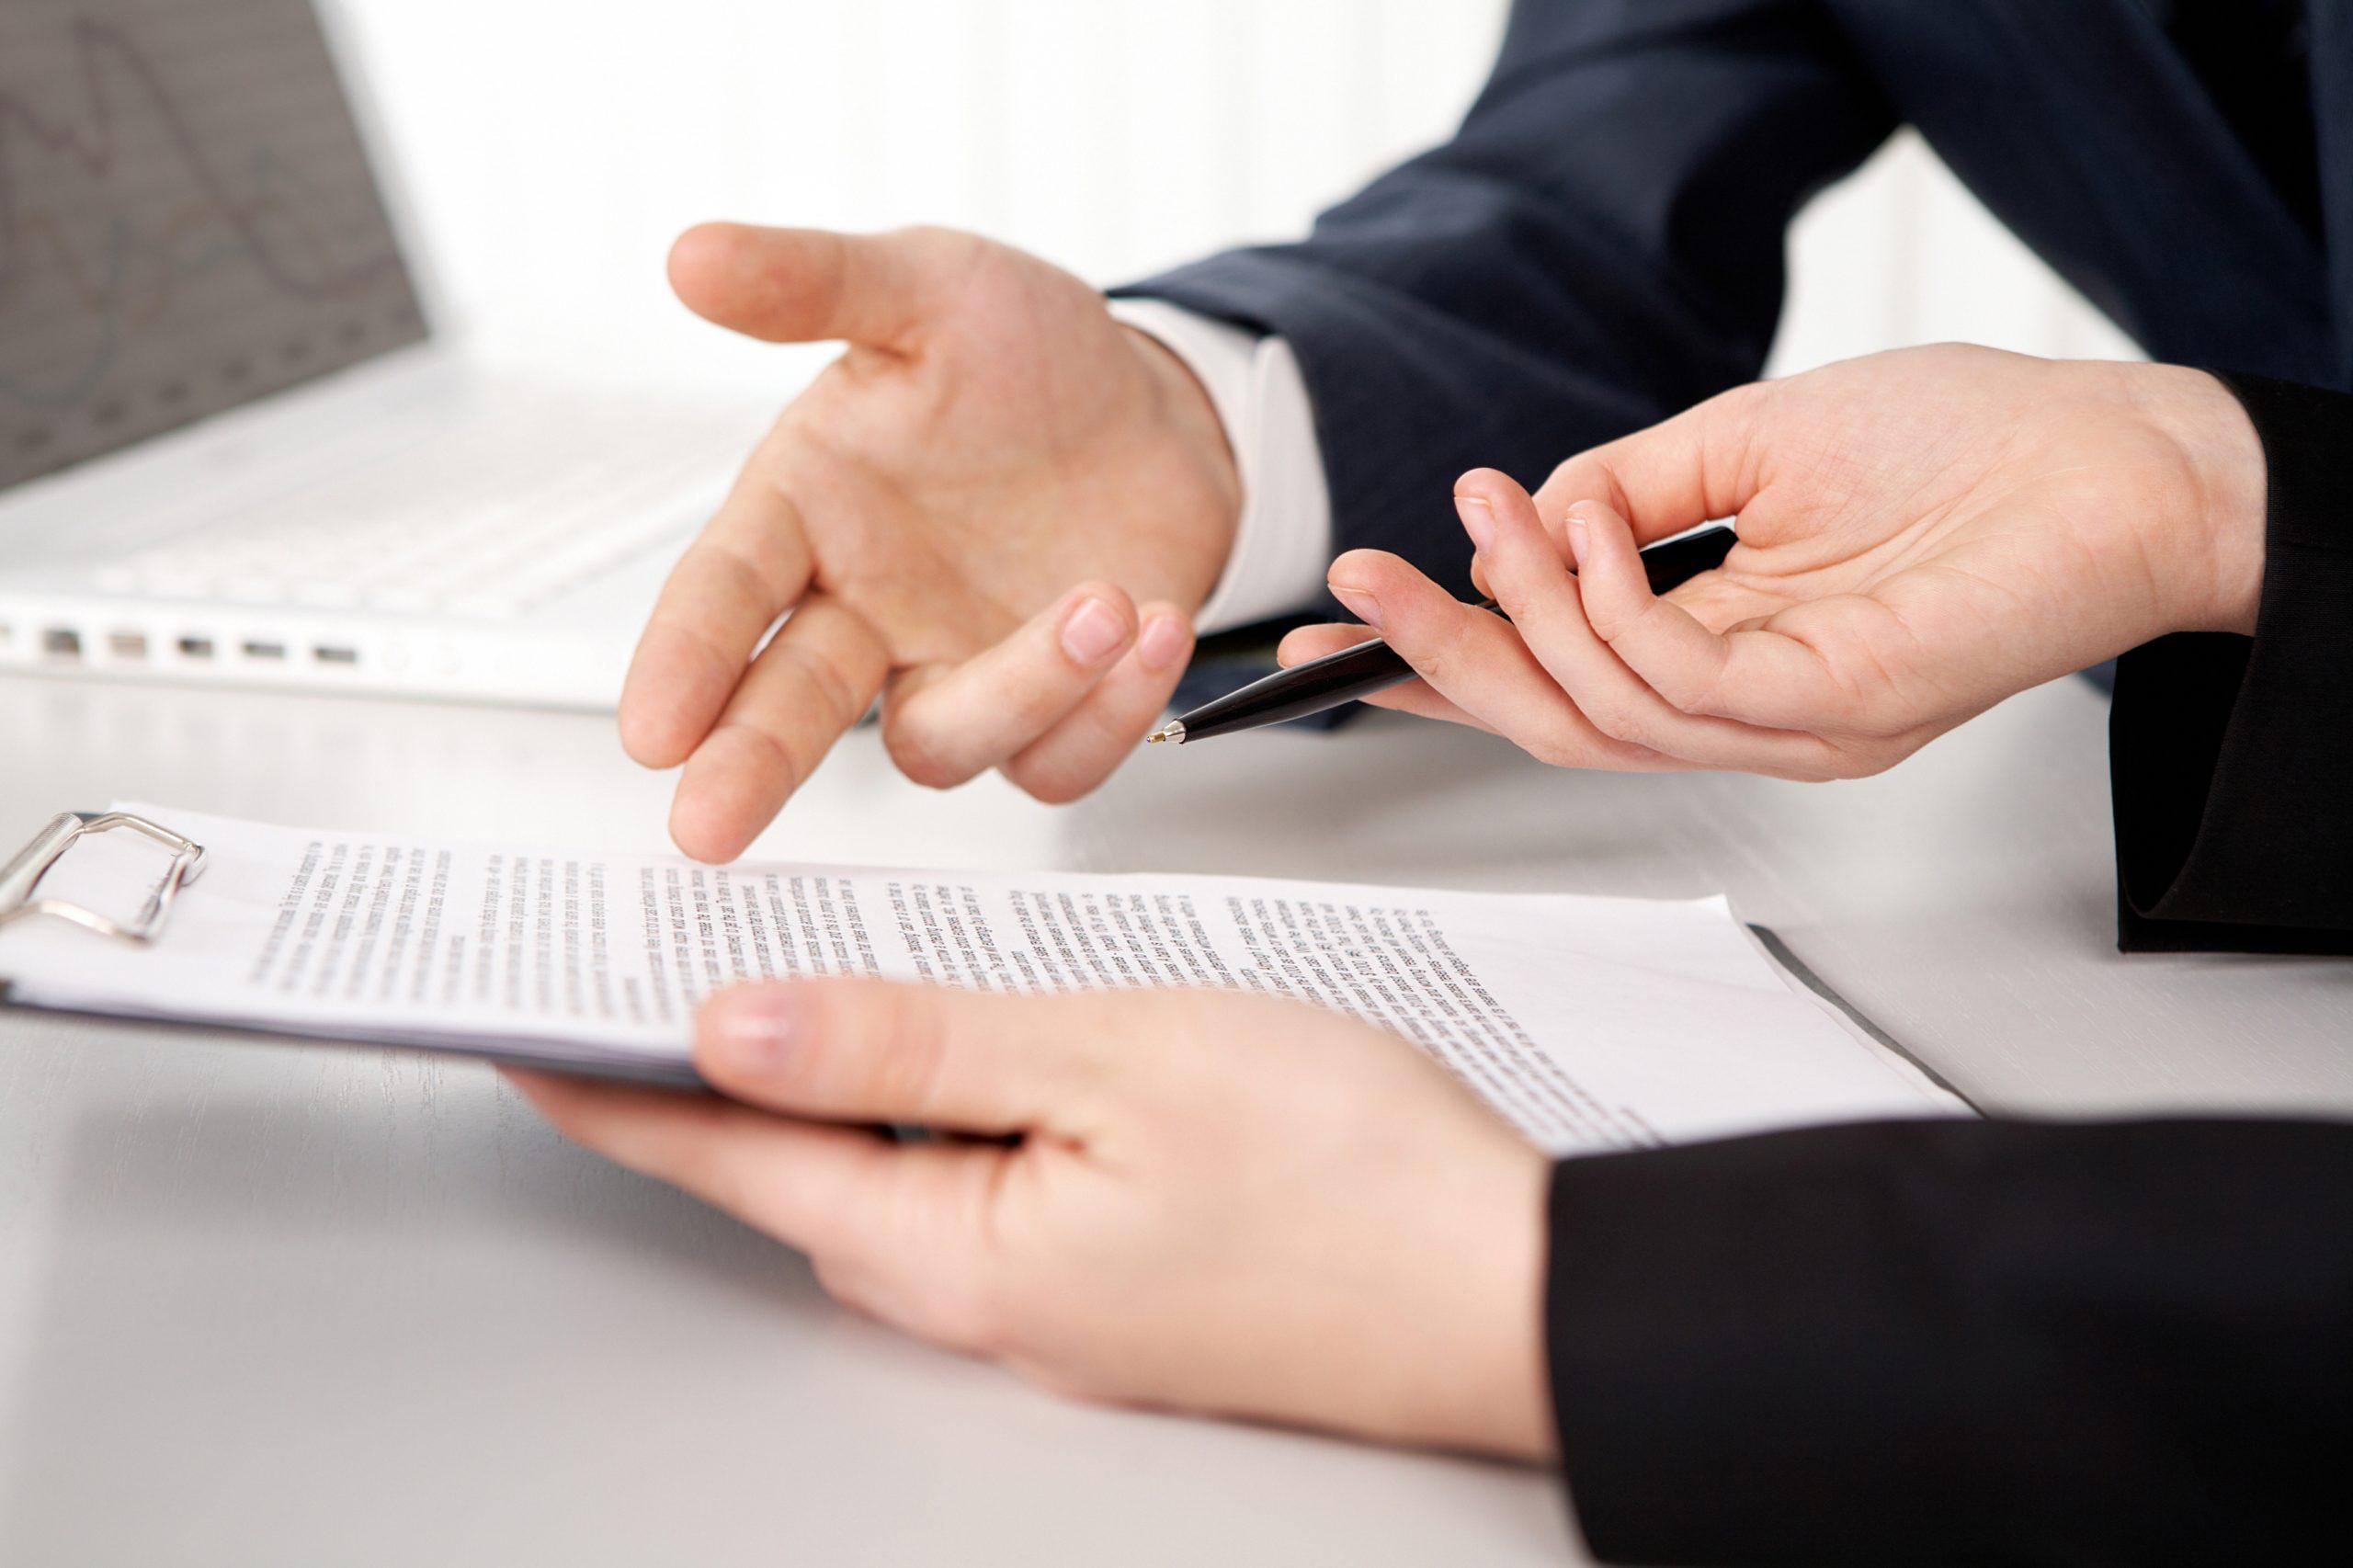 Документ, який свідчить про здавання виручки до банкута є підтвердженням оприбуткування готівки в касі СГ